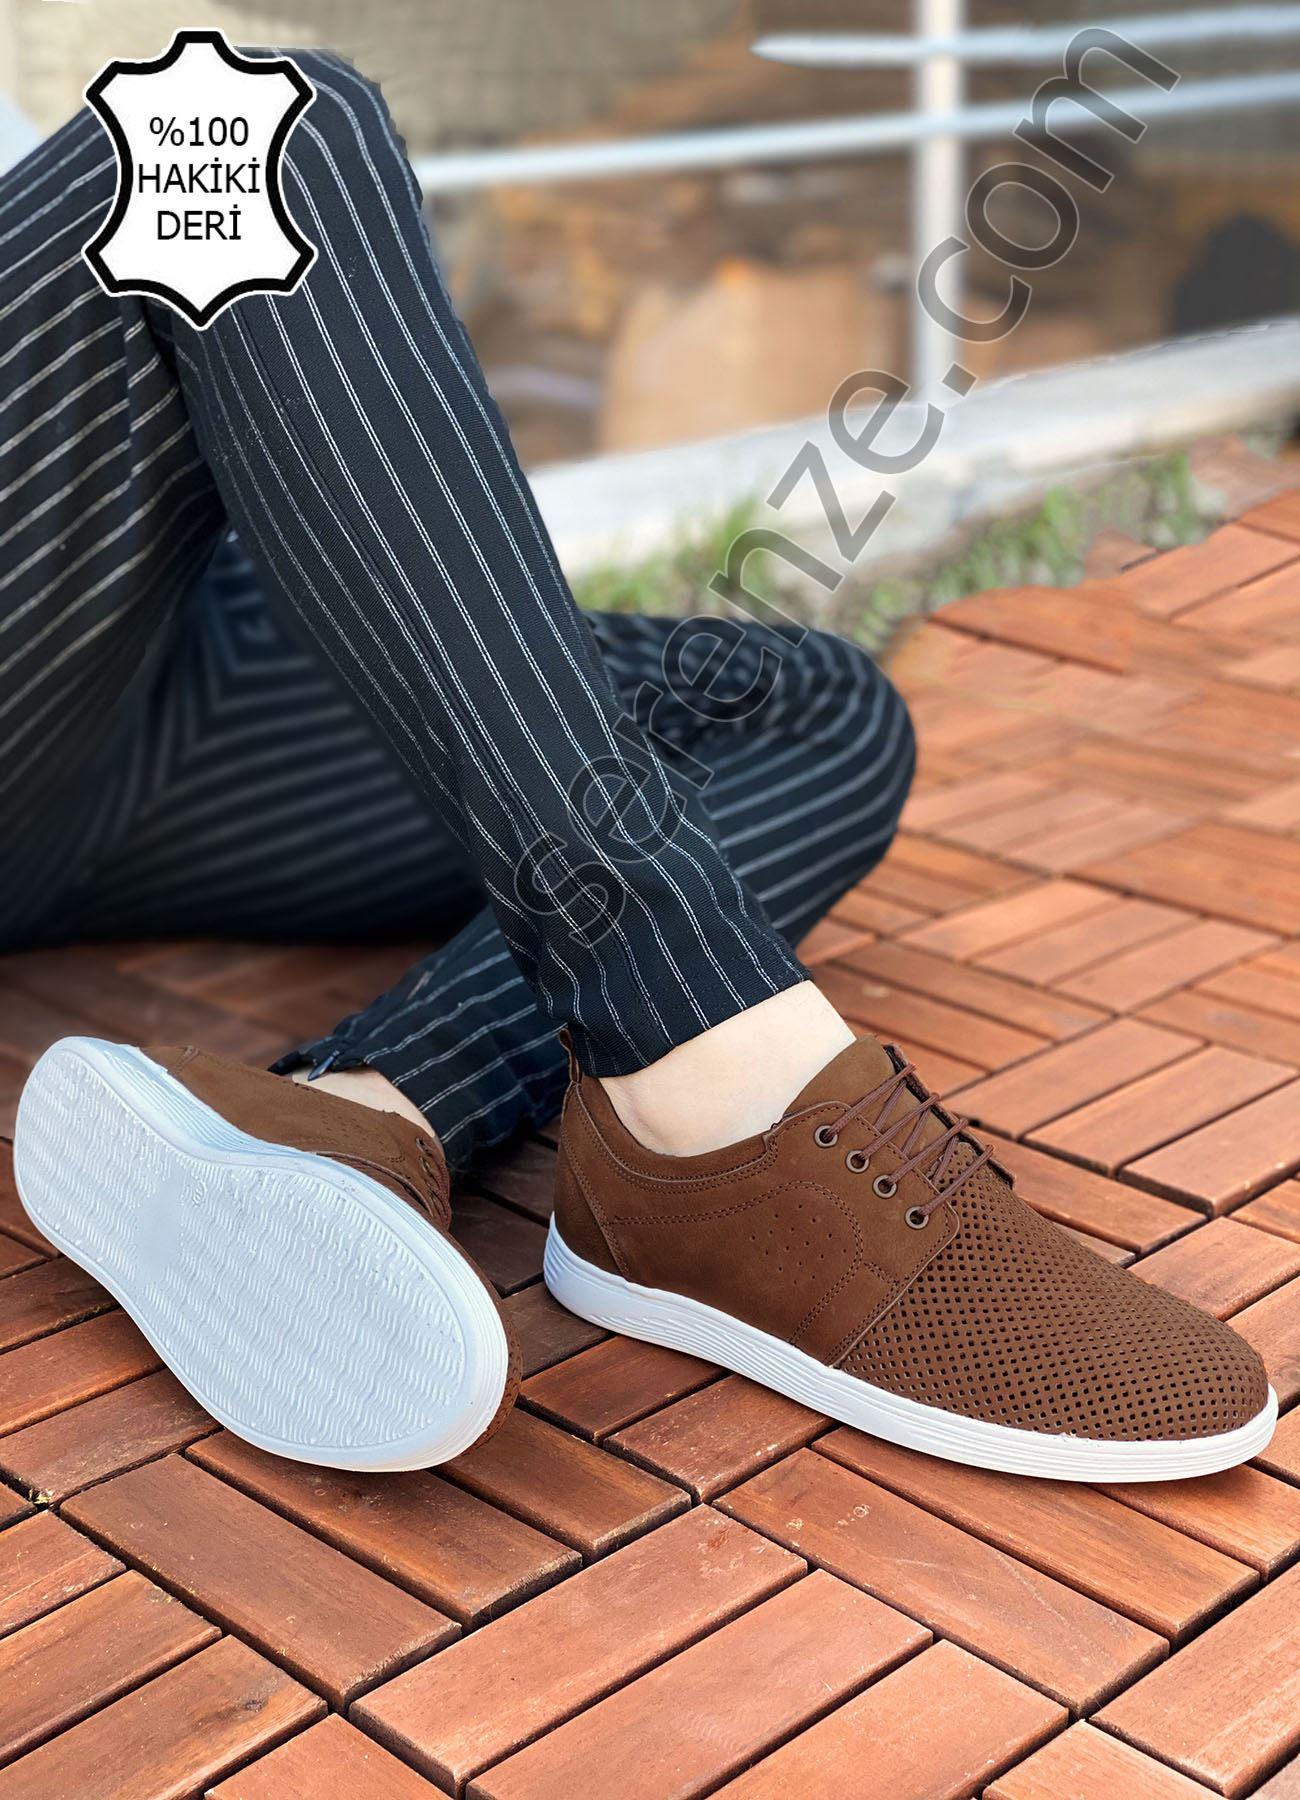 Kahve Hakiki Deri Delikli Spor Model Erkek Ayakkabı